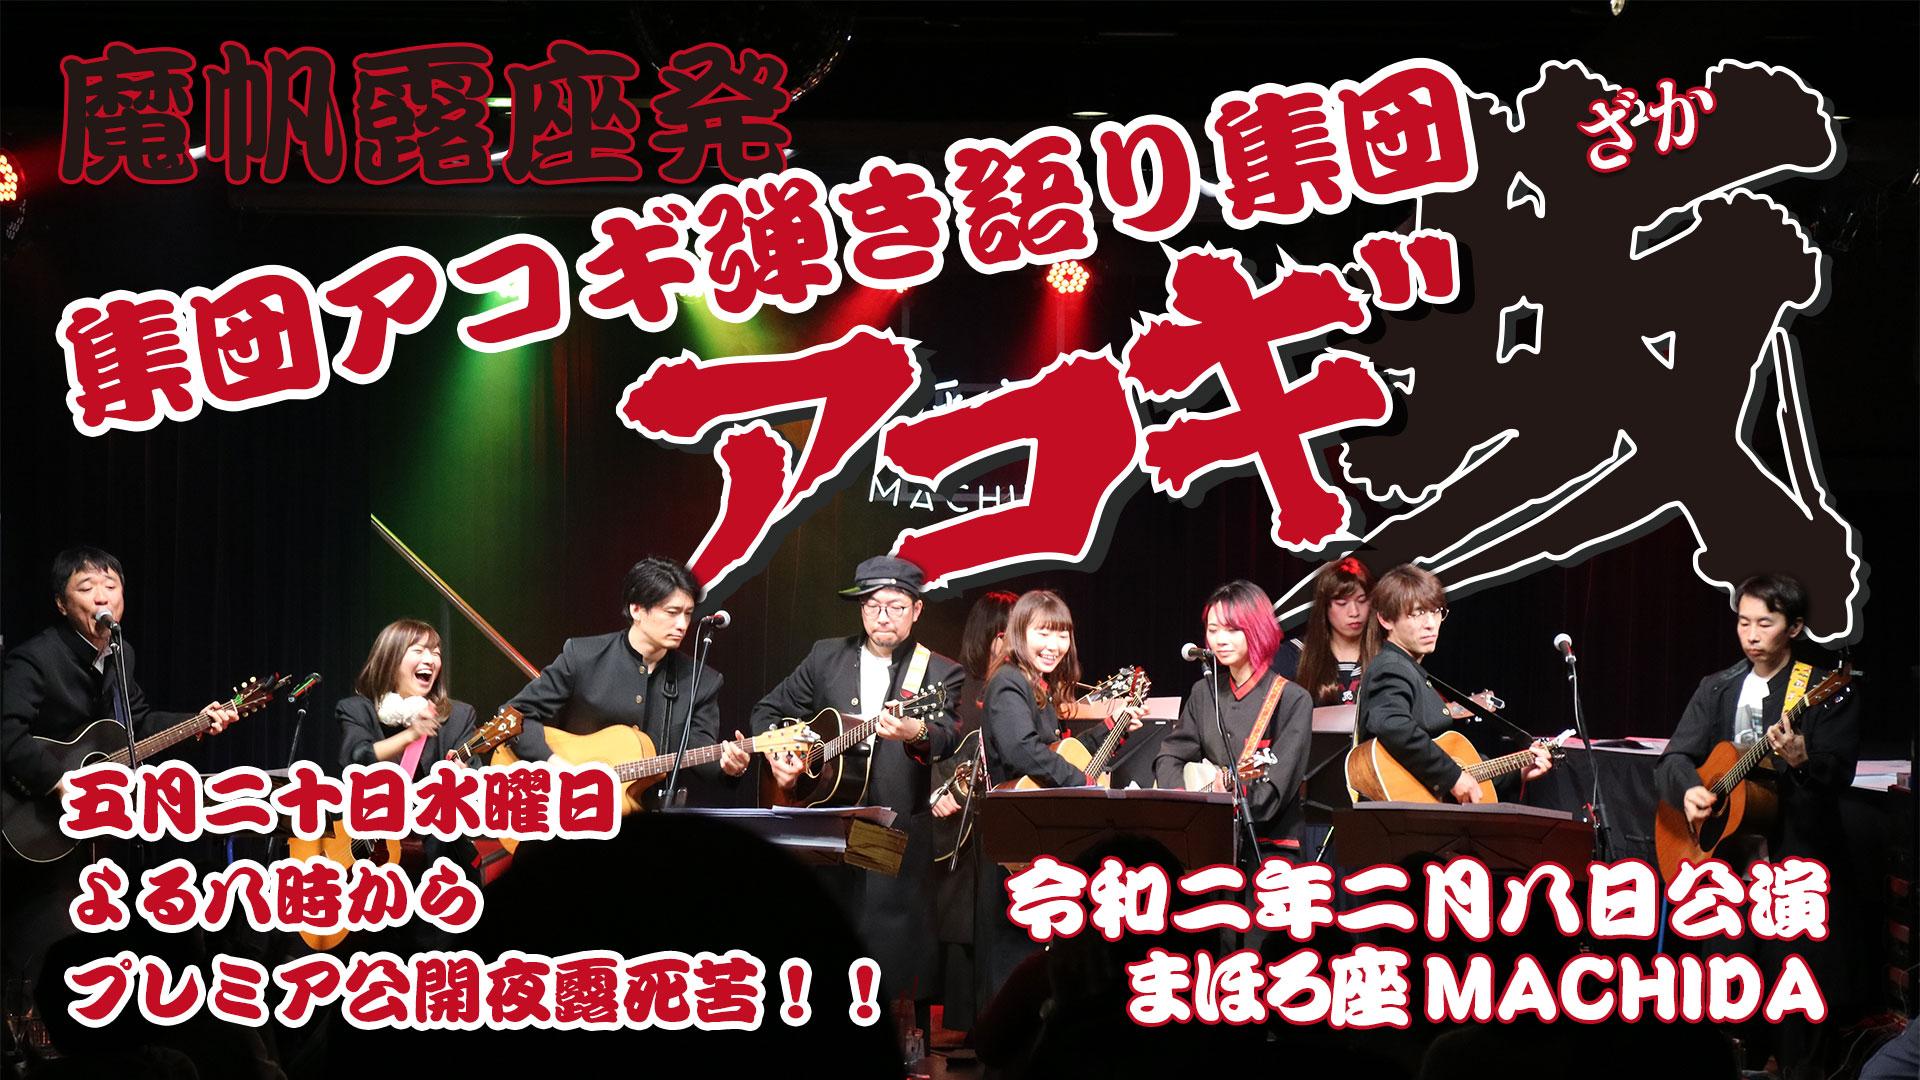 【アーカイブ 20.02.08】アコギ坂 / 〜アコギの夜明けの巻〜